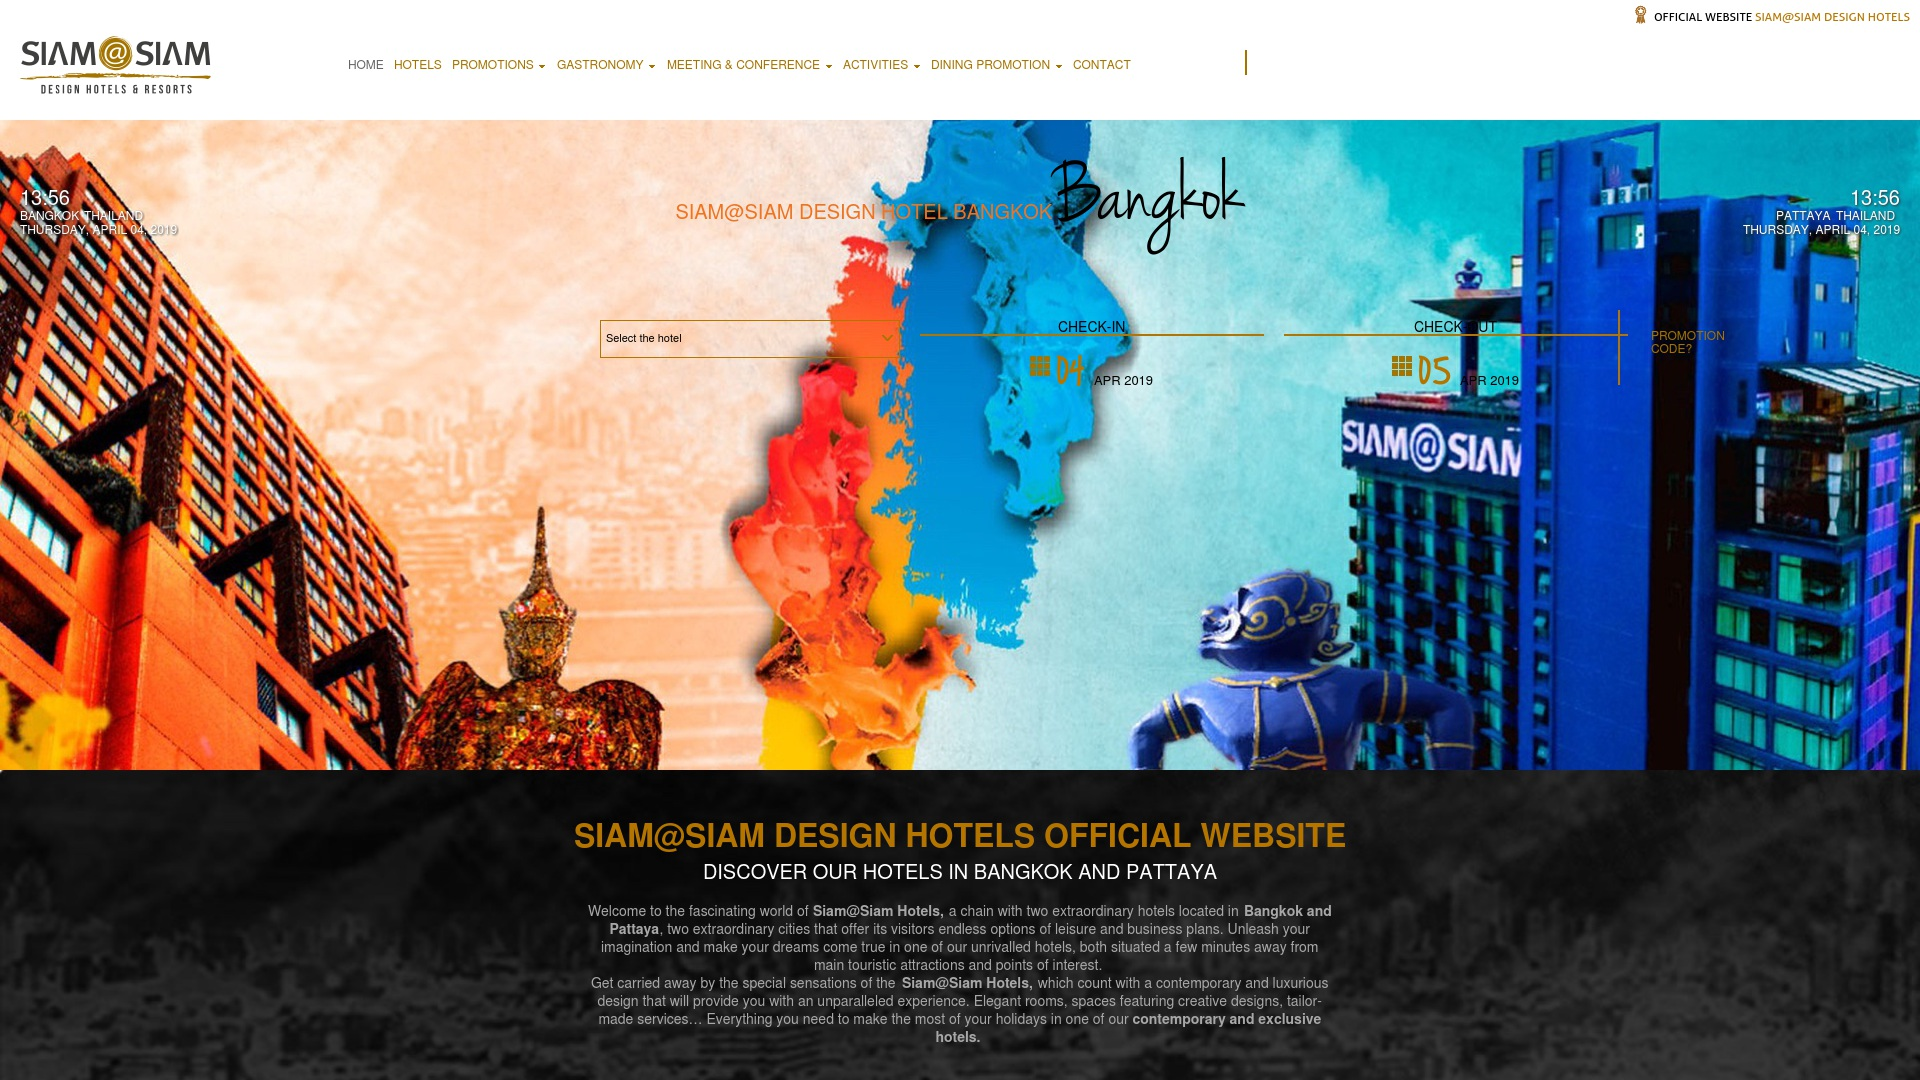 Geld zurück bei Siamatsiam: Jetzt im Mai 2021 Cashback für Siamatsiam sichern